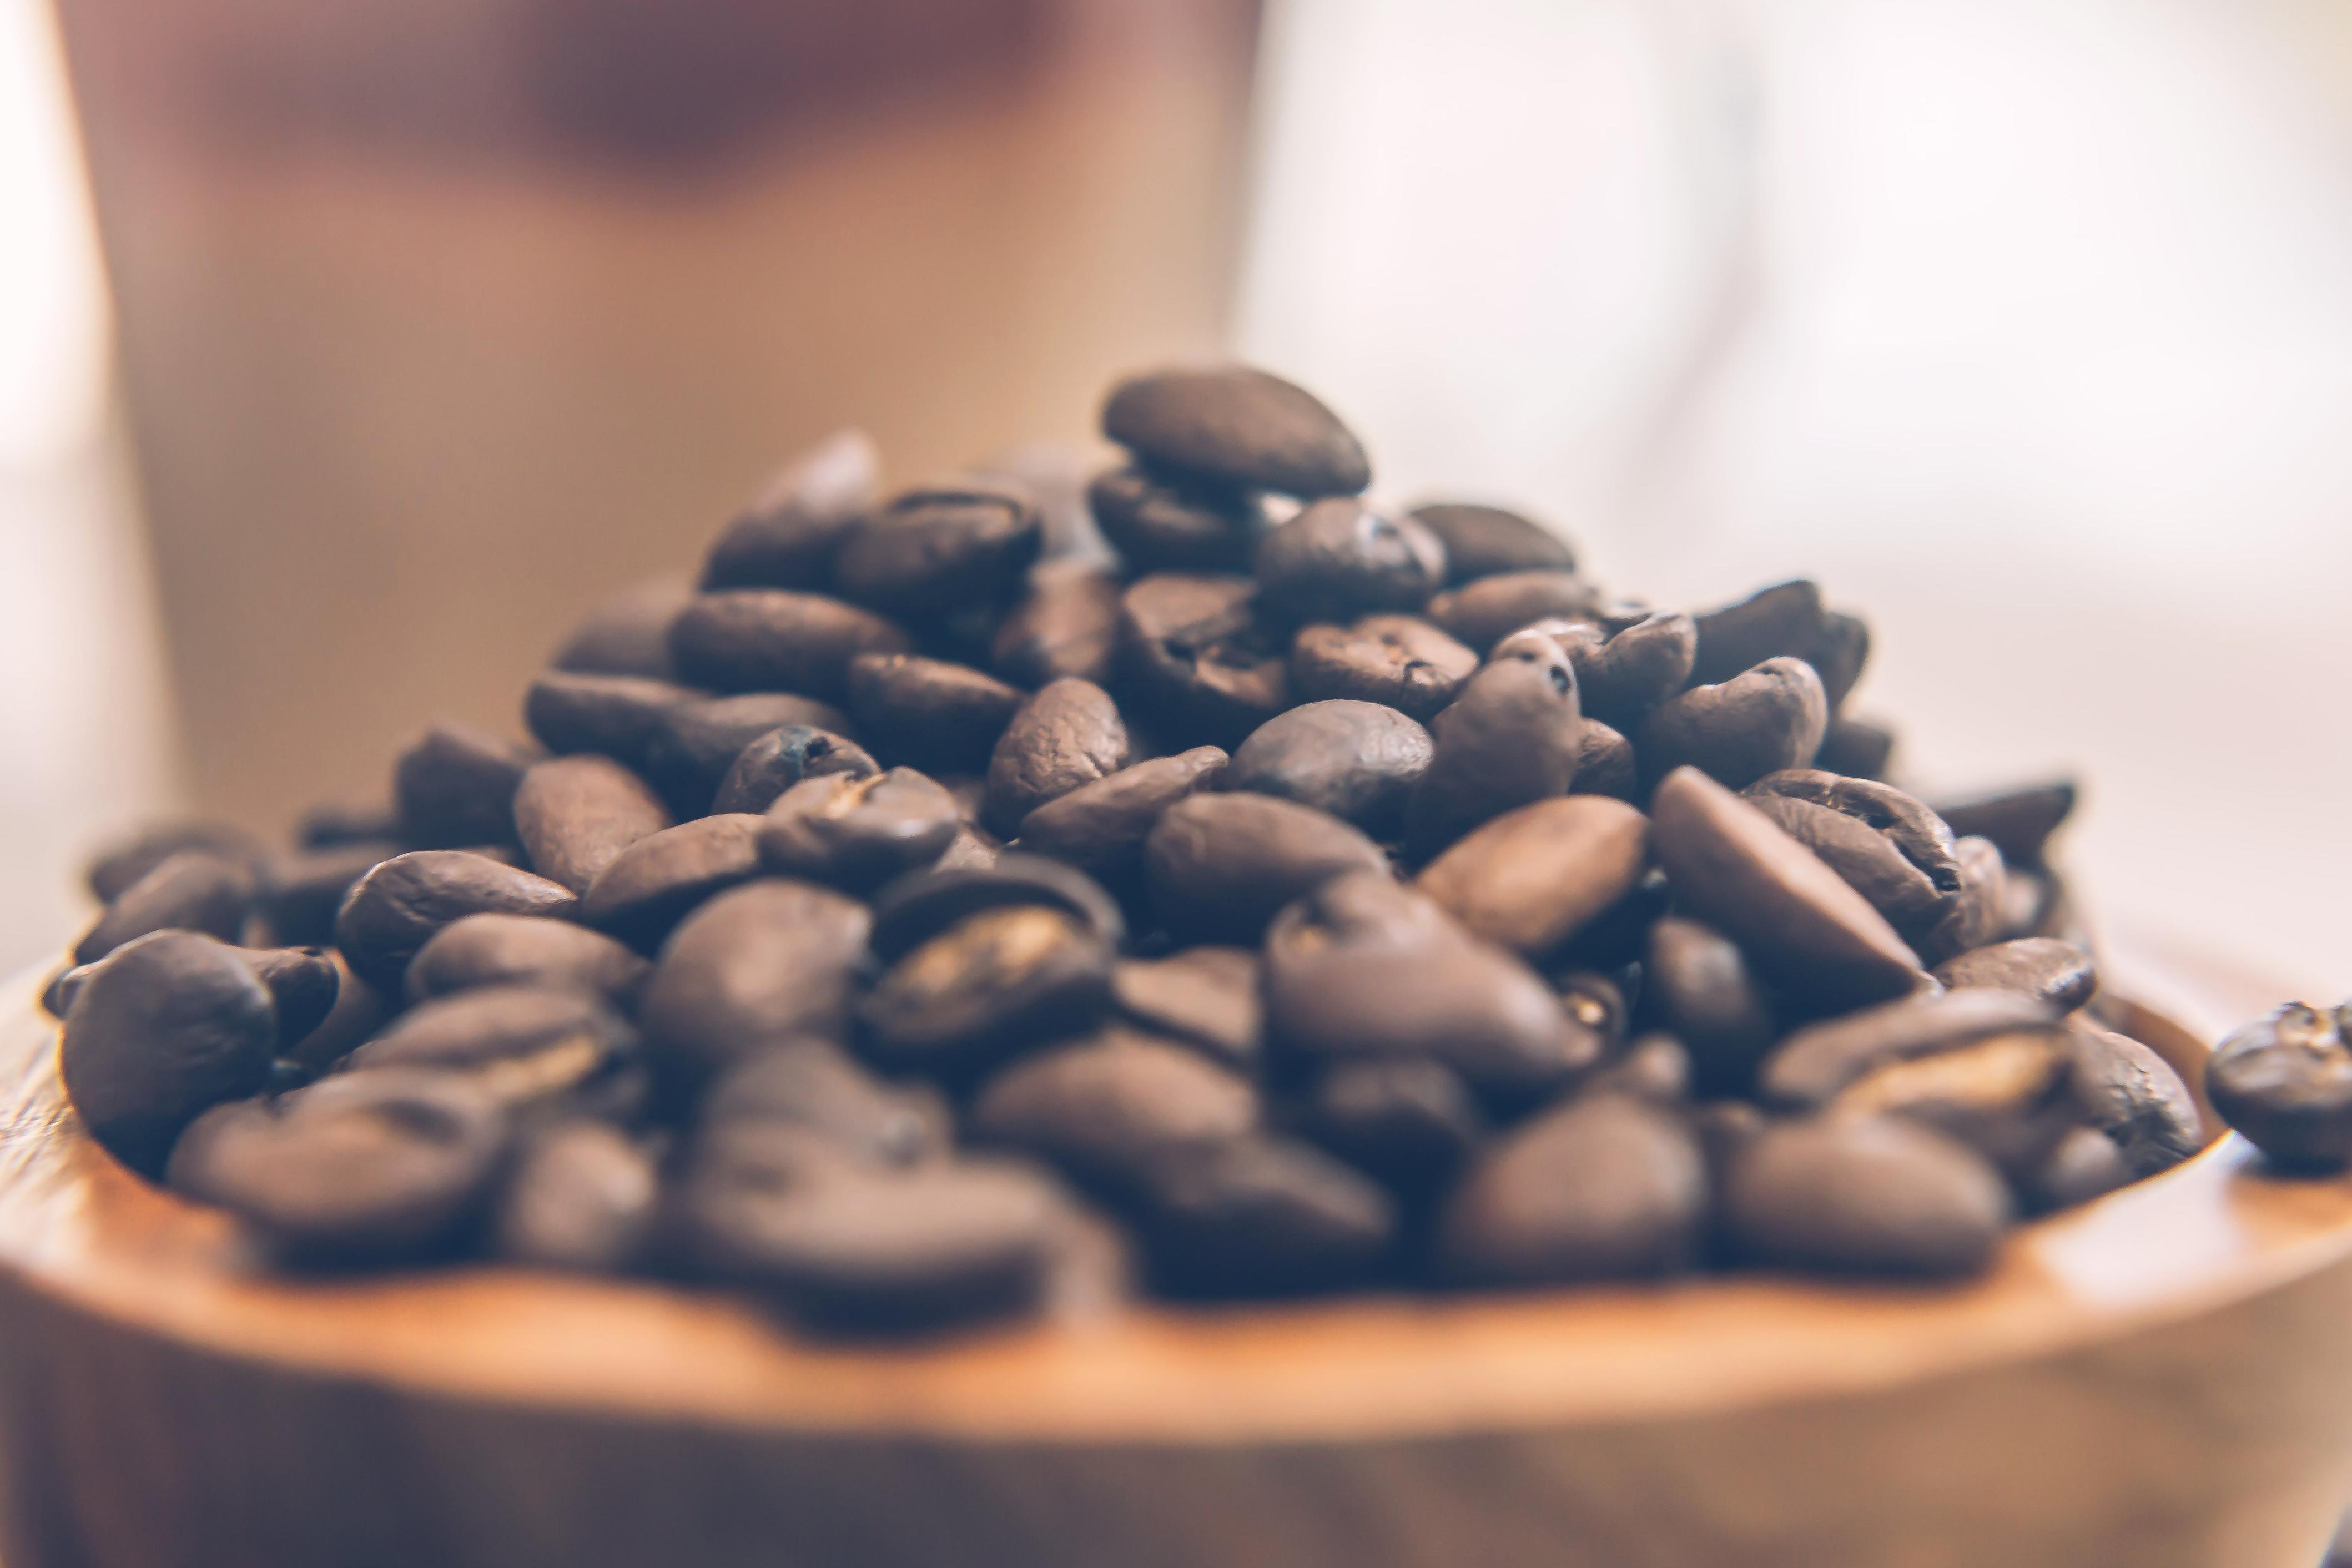 Kostenlose Bild: Lebensmittel, Holz, Kaffee, Koffein, trinken ...